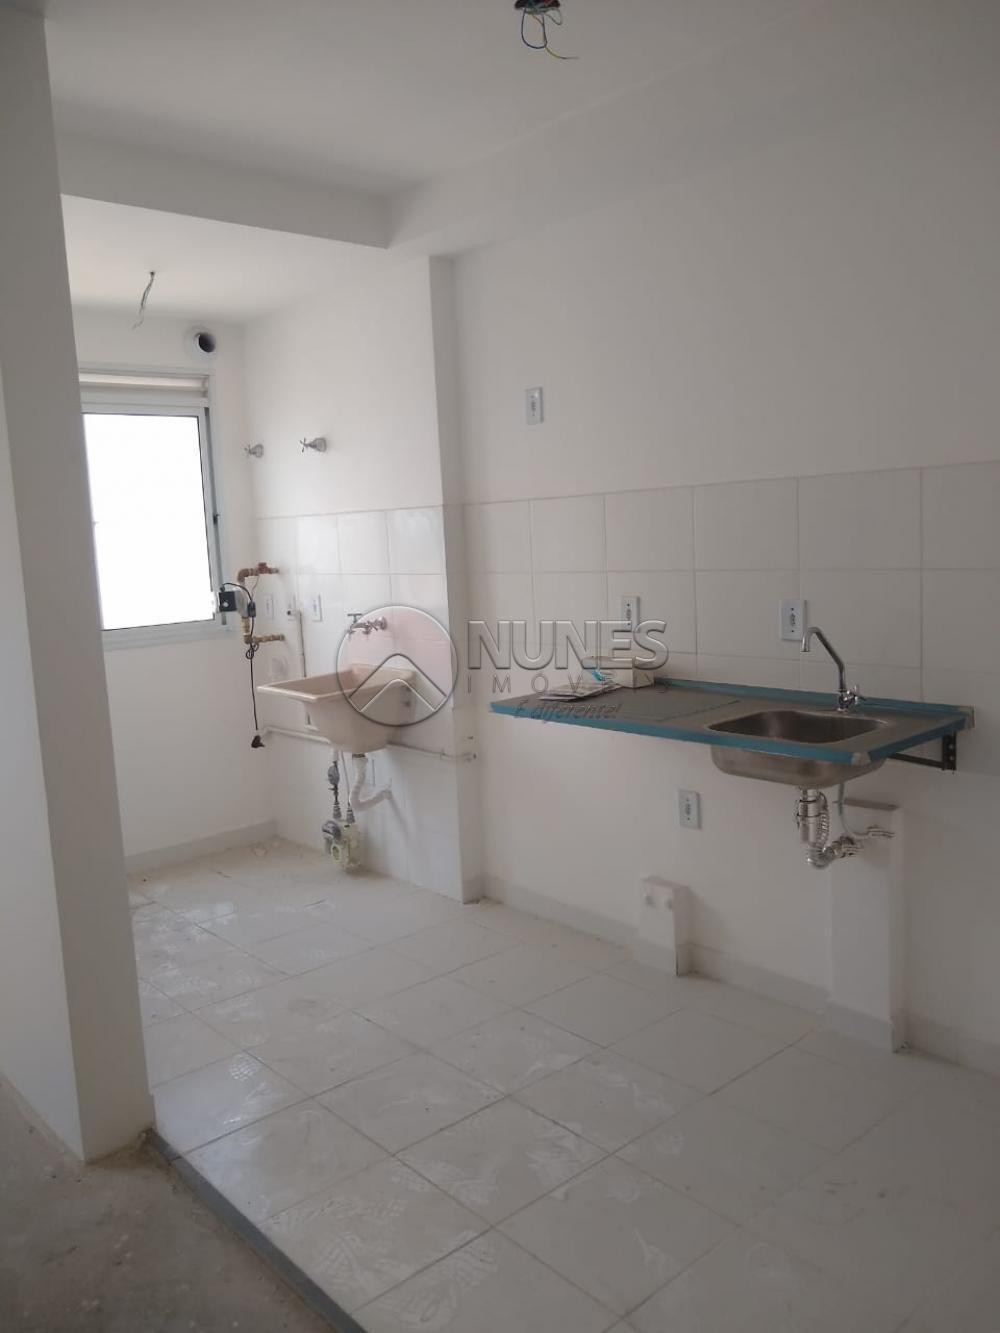 Comprar Apartamento / Padrão em Carapicuíba apenas R$ 175.000,00 - Foto 8